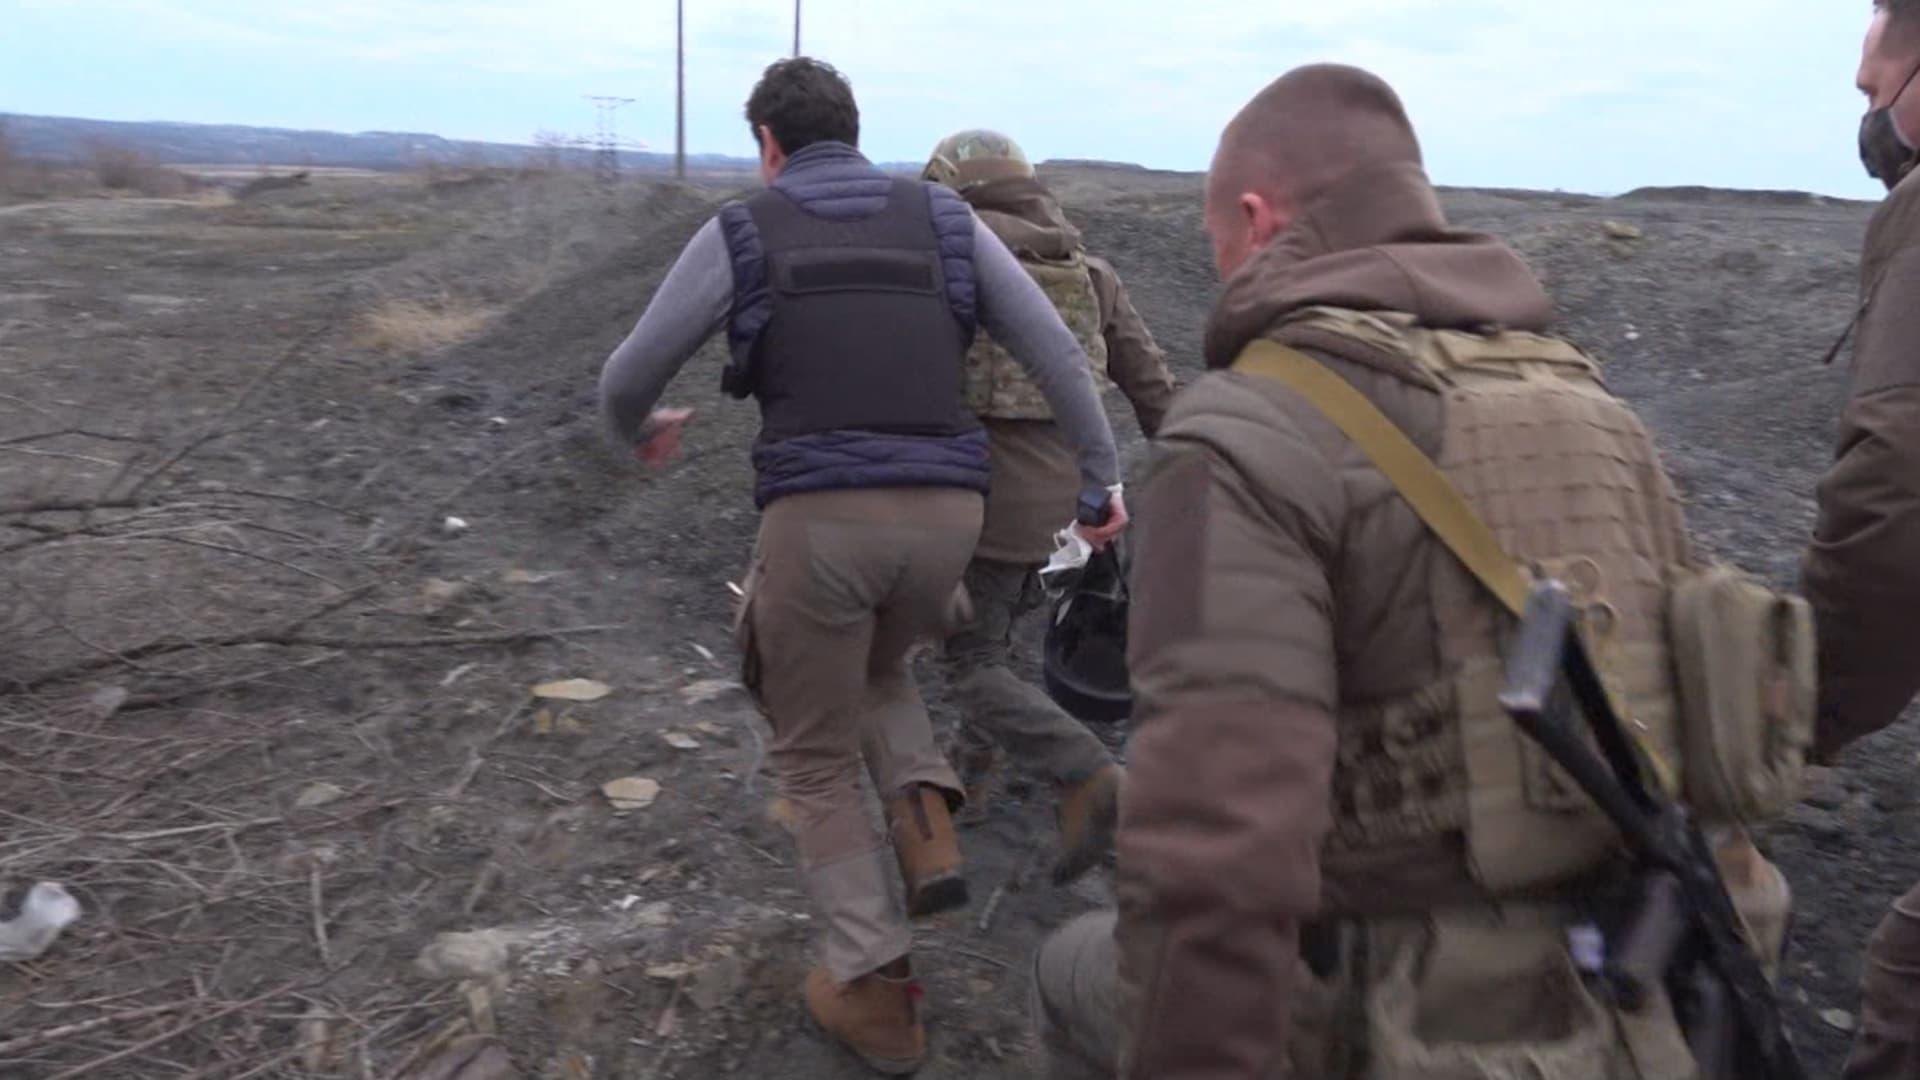 مراسل CNN ورئيس أوكرانيا يركضان قرب حدود روسيا.. ماذا يحدث على الجبهة؟